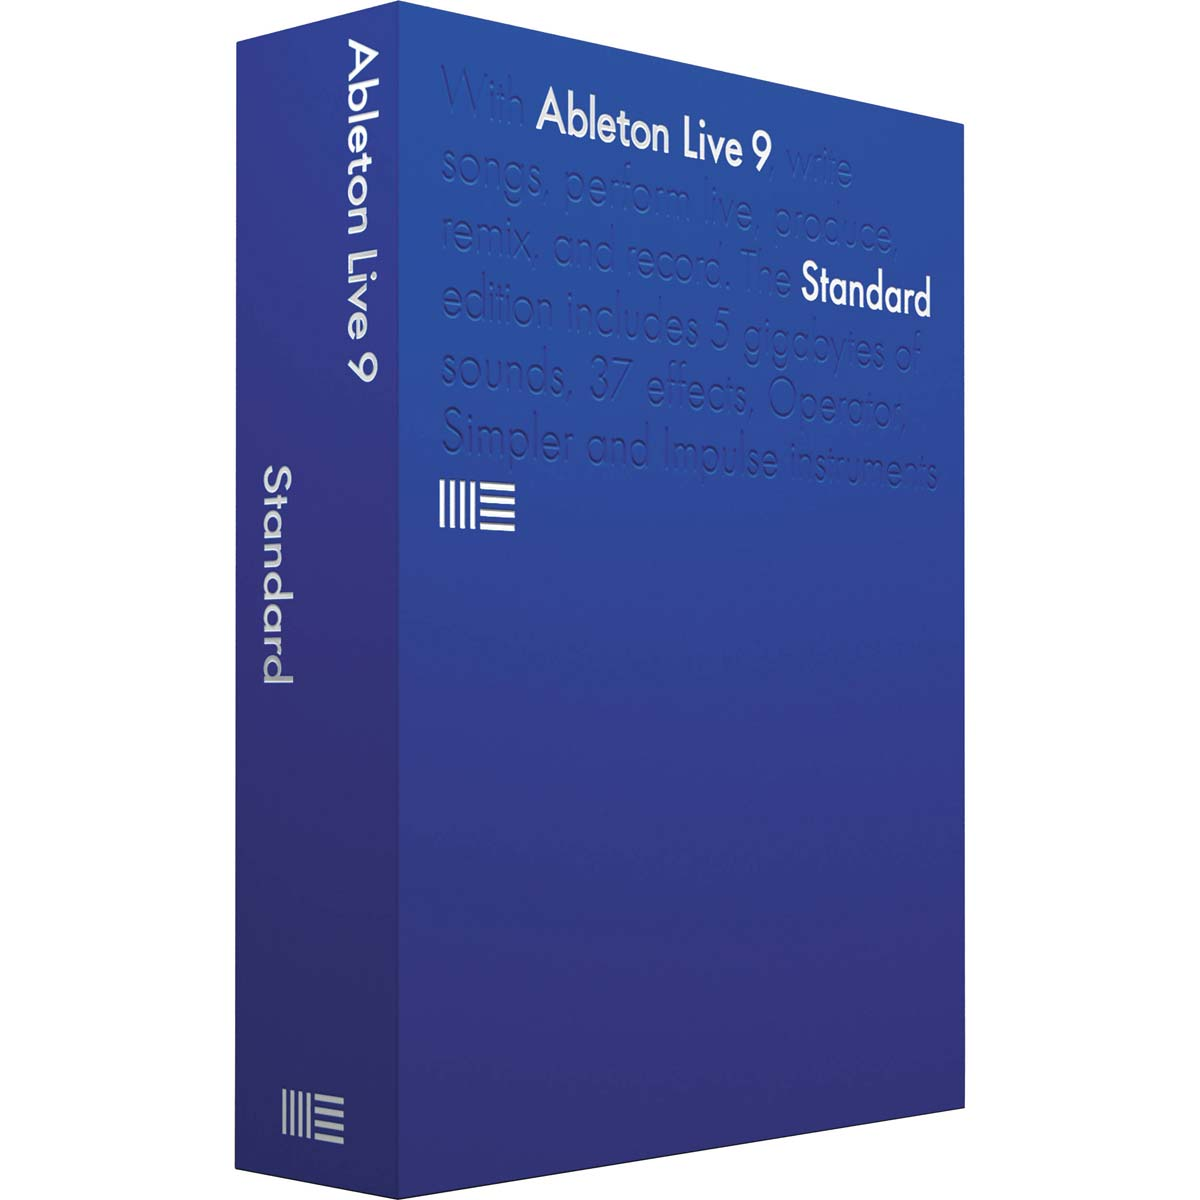 Billede af Ableton Live 9 Standard